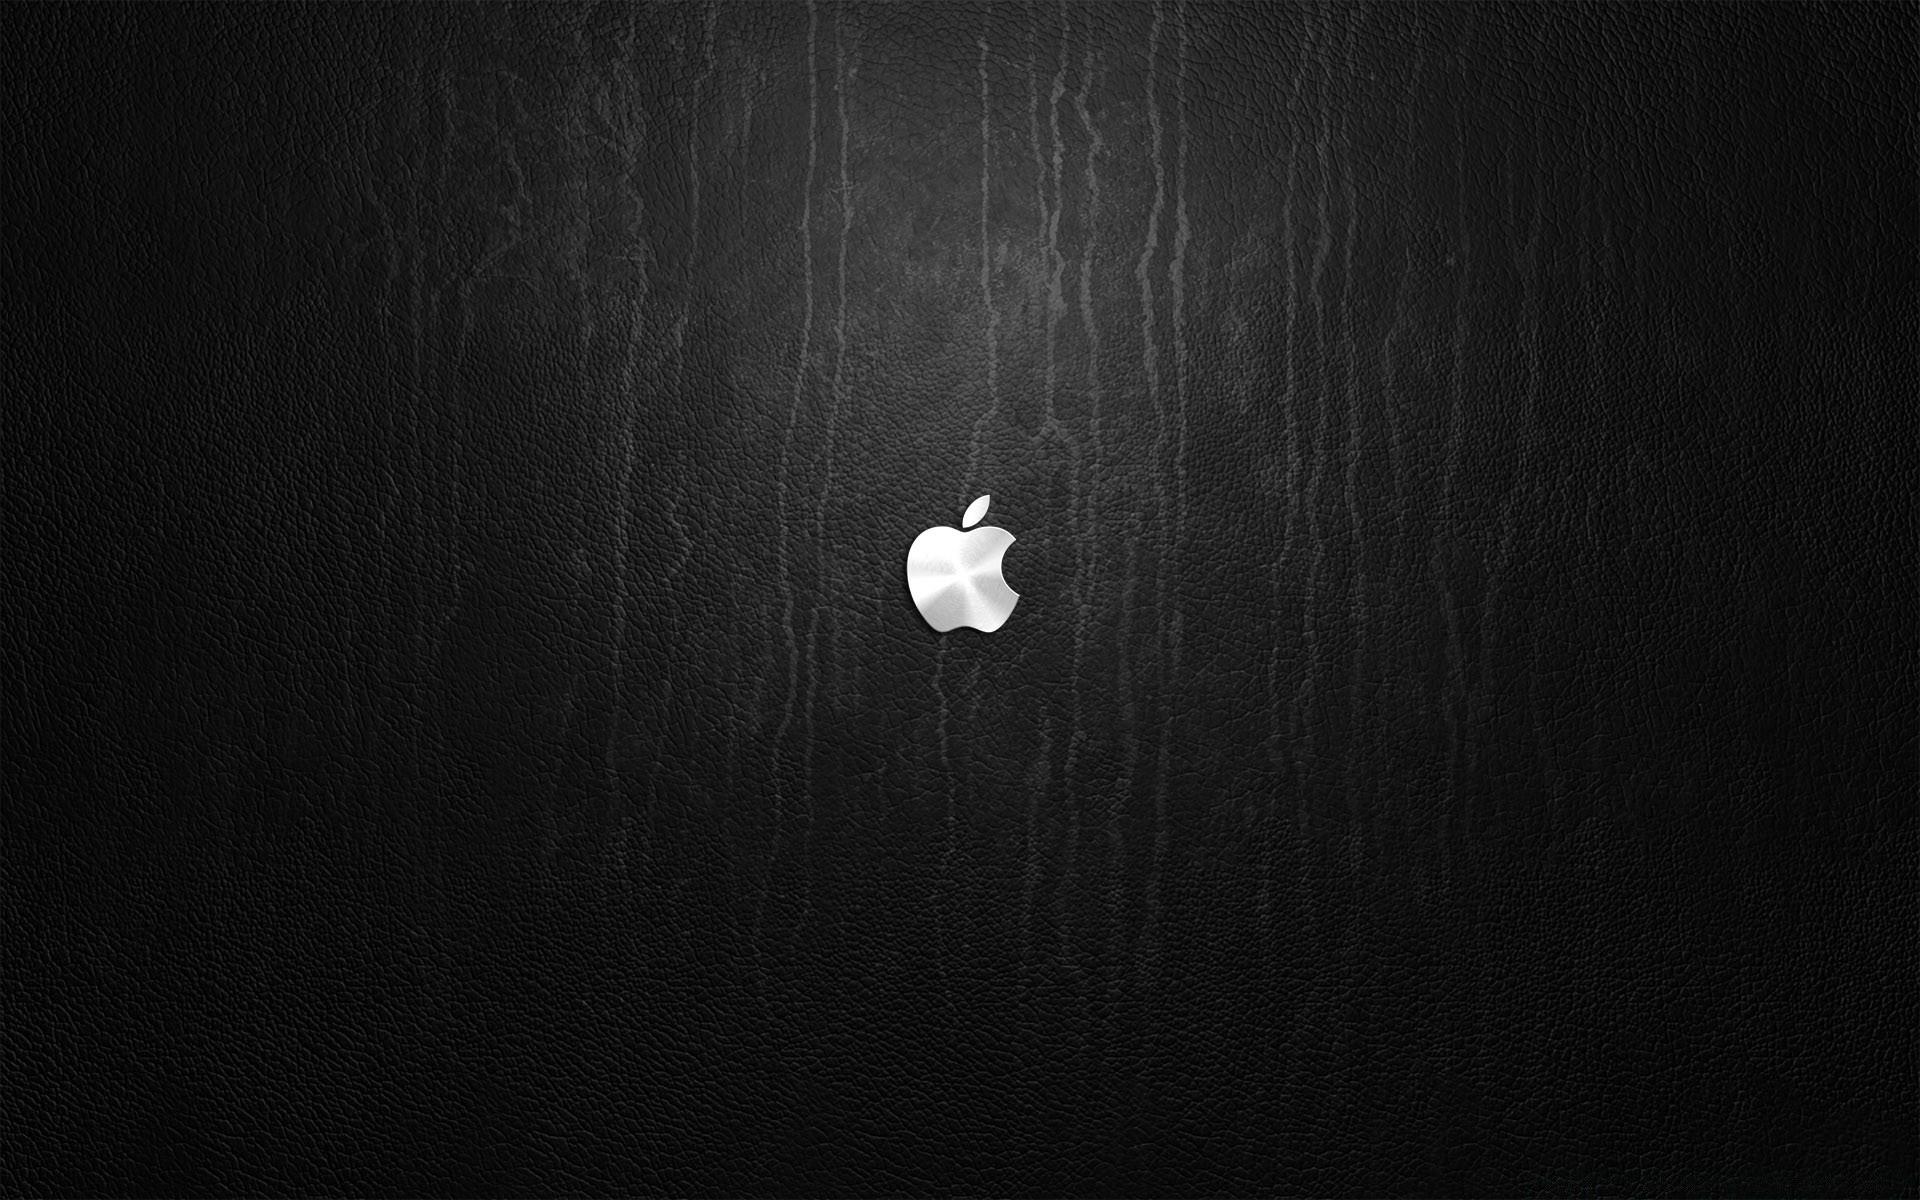 белая абстракция Ipad air apple скачать